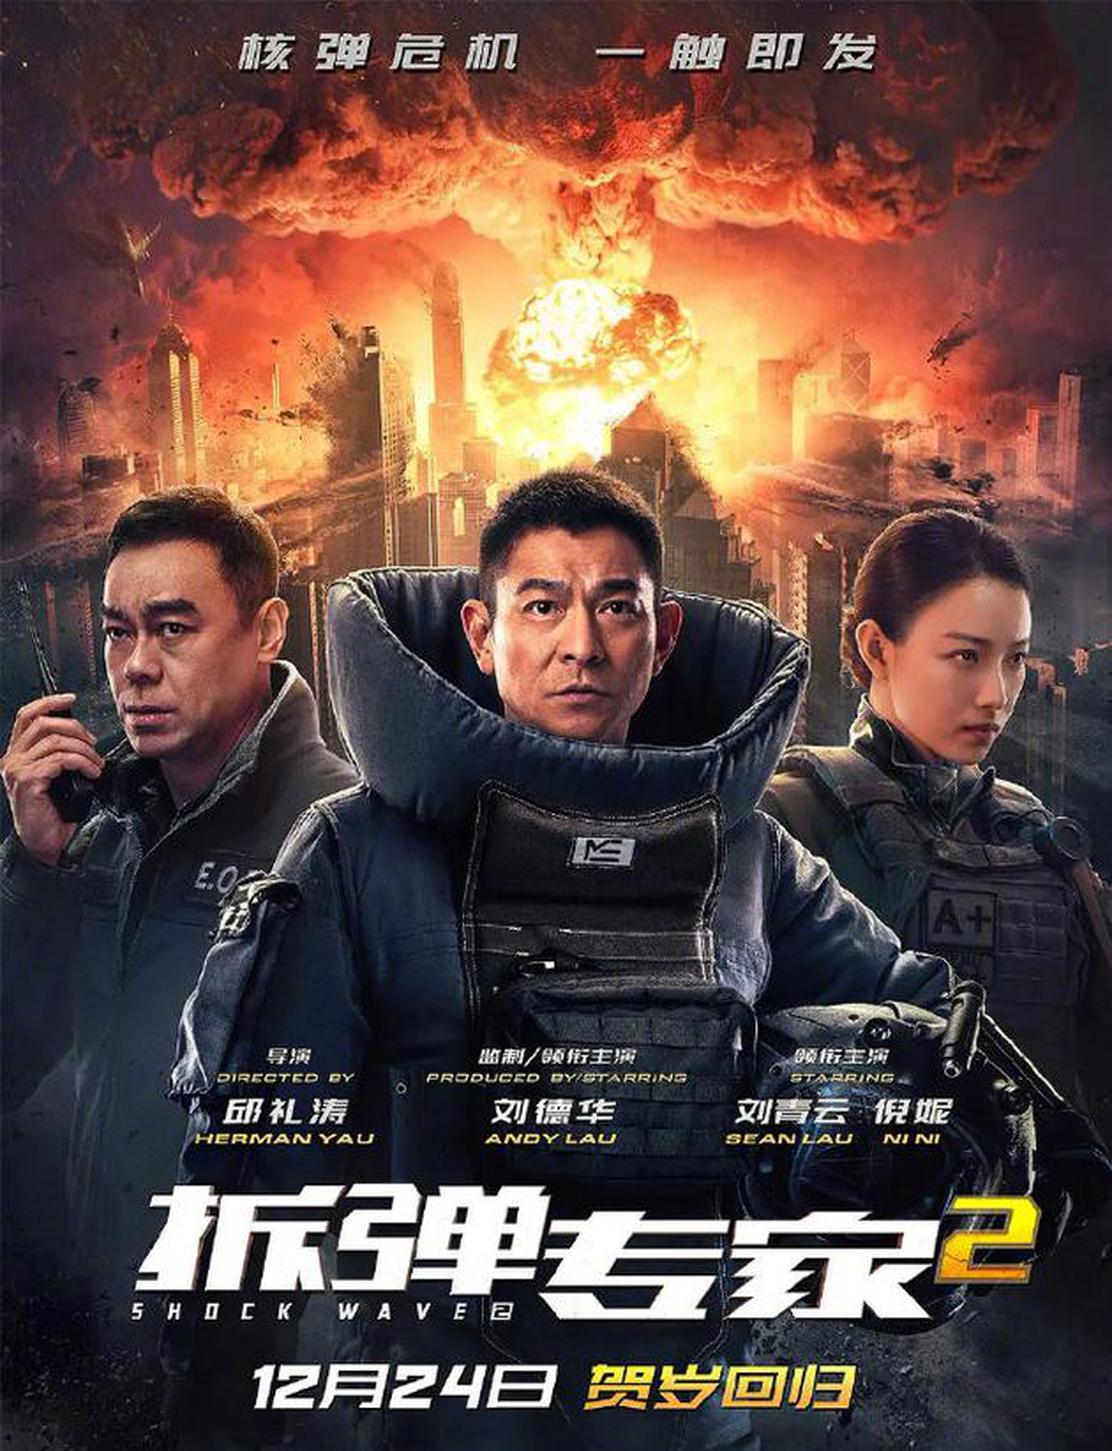 《拆弹专家2》密钥二次延期 延长上映至2月11日